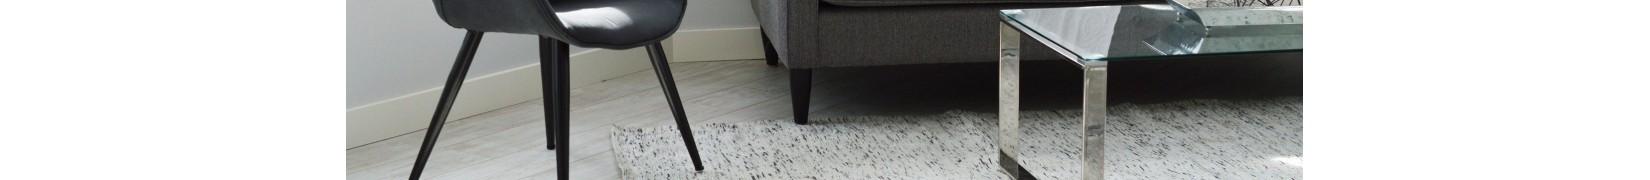 Nowoczesne dywany szaro czarno białe do salonu, pokoju młodzieżowego